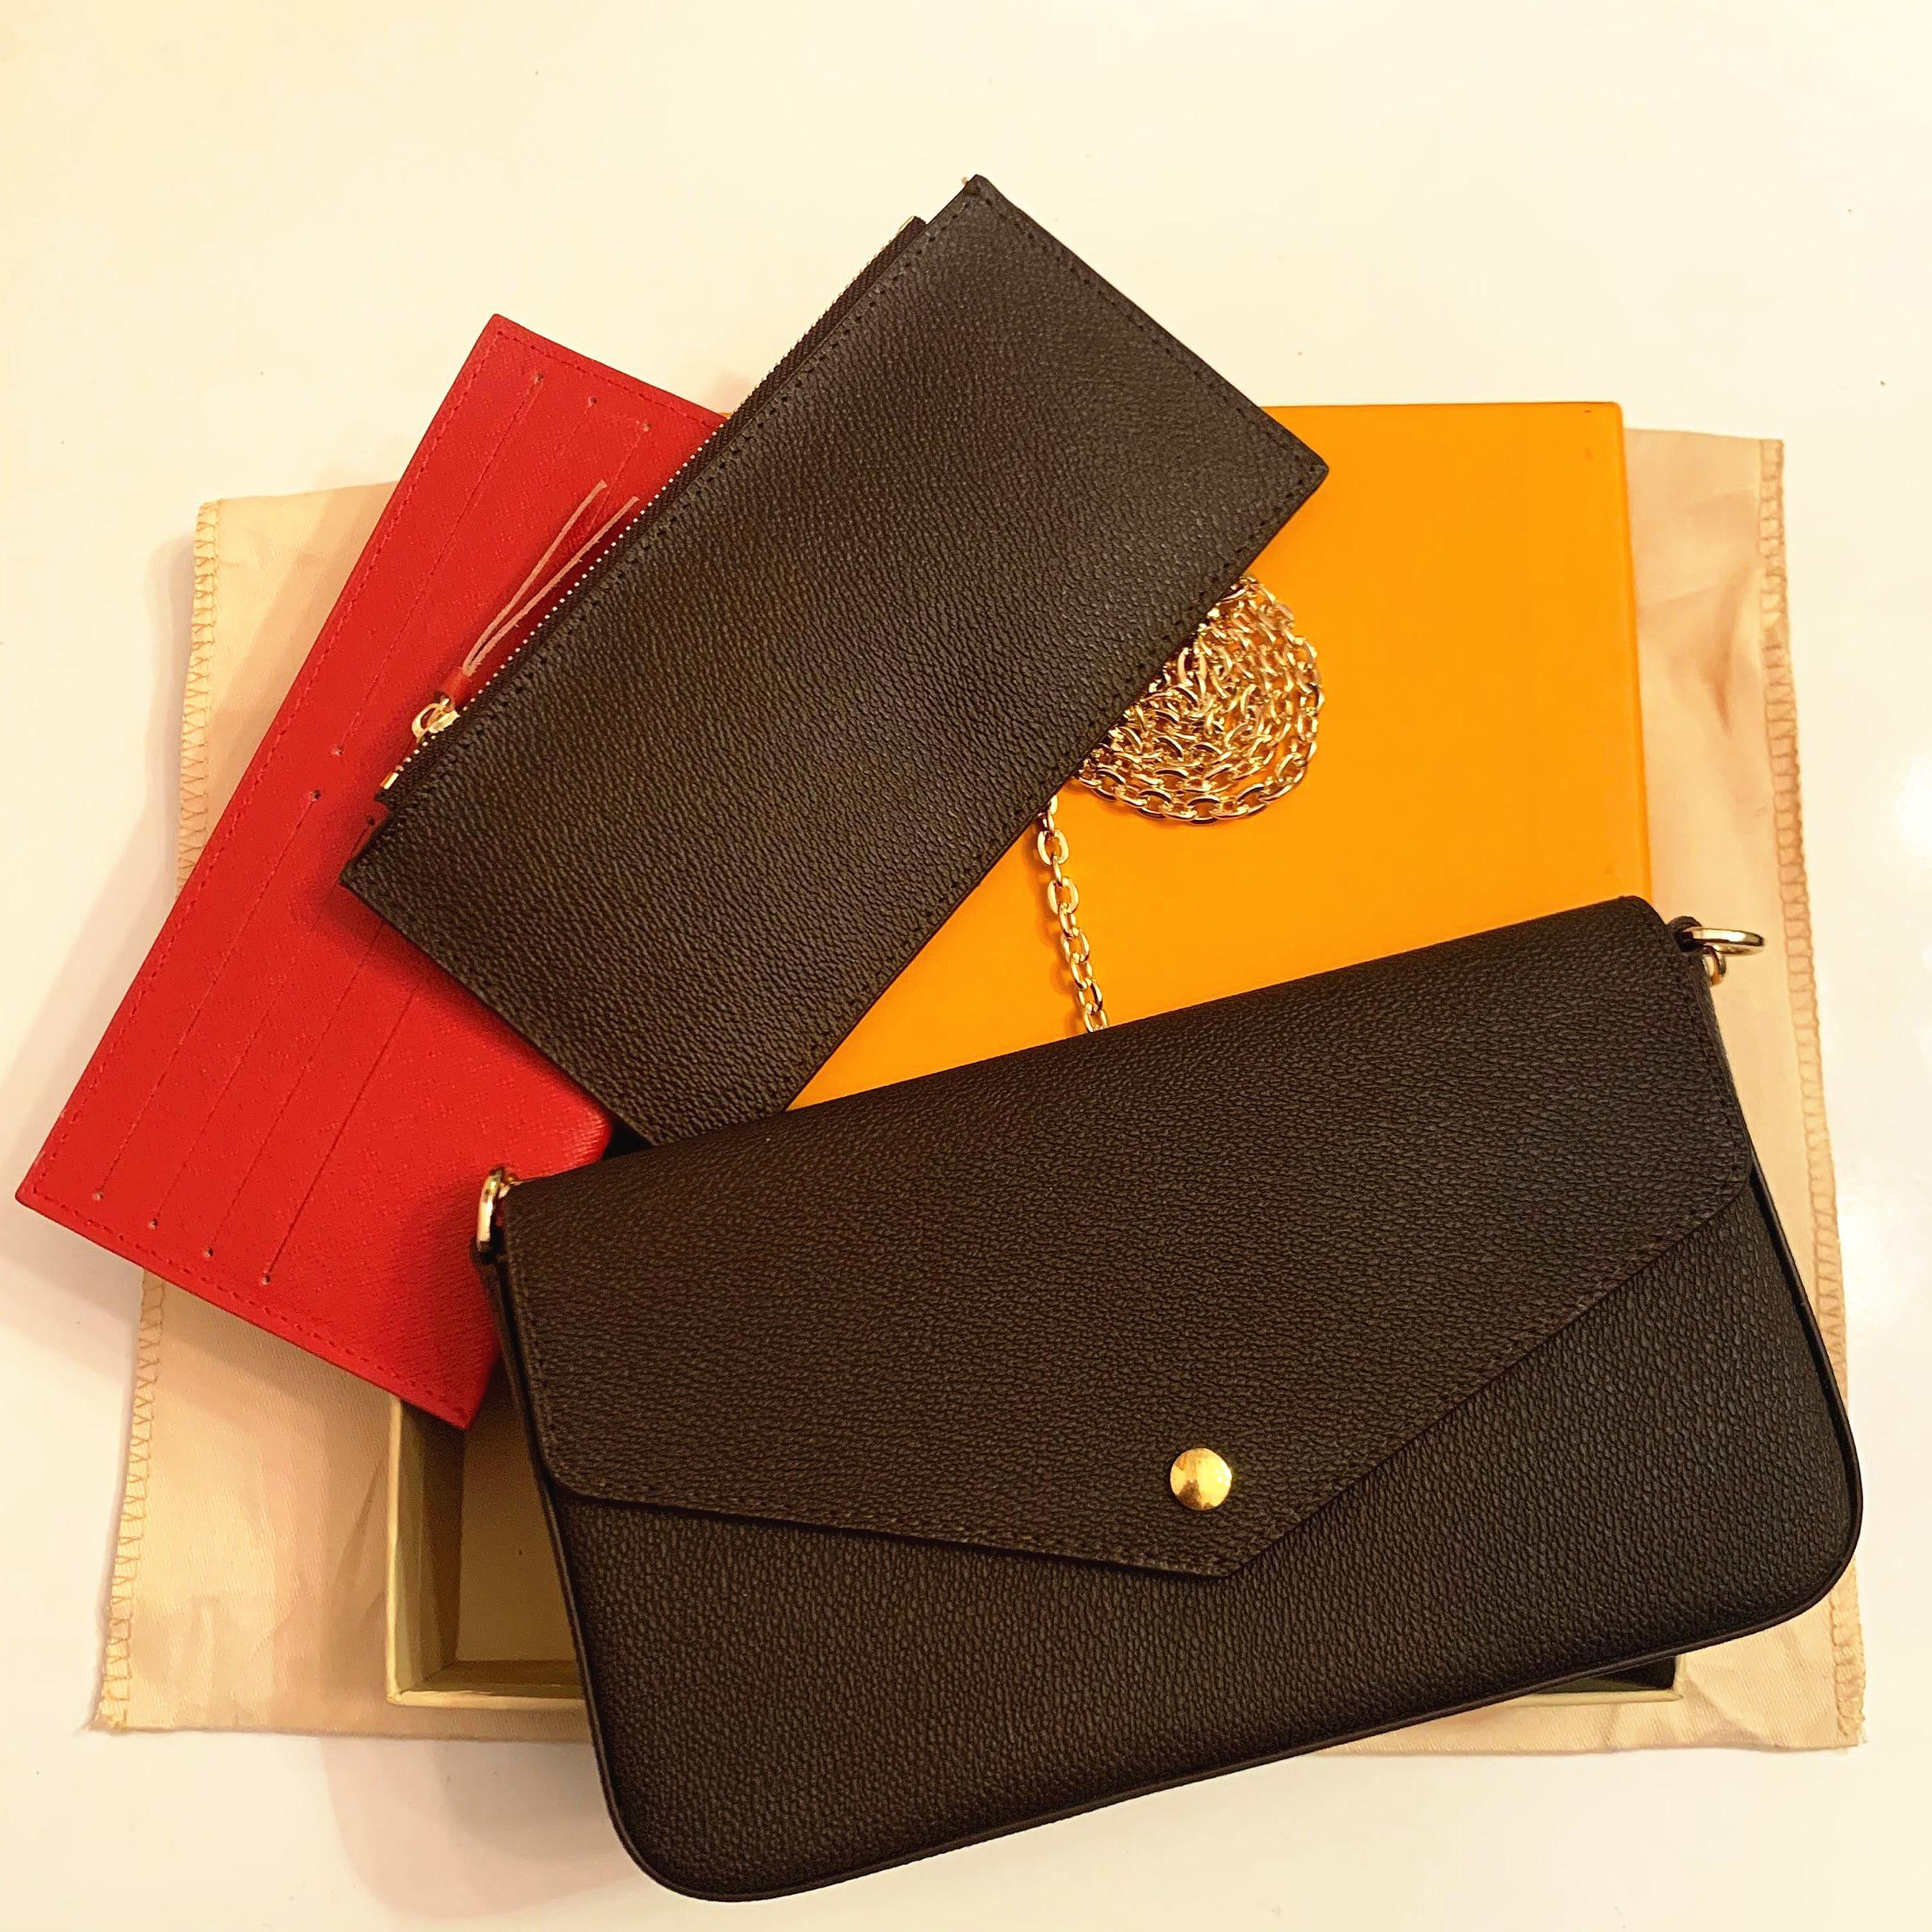 Derniers luxurys designers sacs à main sacs à sacs sacs à bandoulière de haute qualité Sacs combinés de haute qualité à trois pièces 21 * 11 * 2 cm 61276 avec boîte